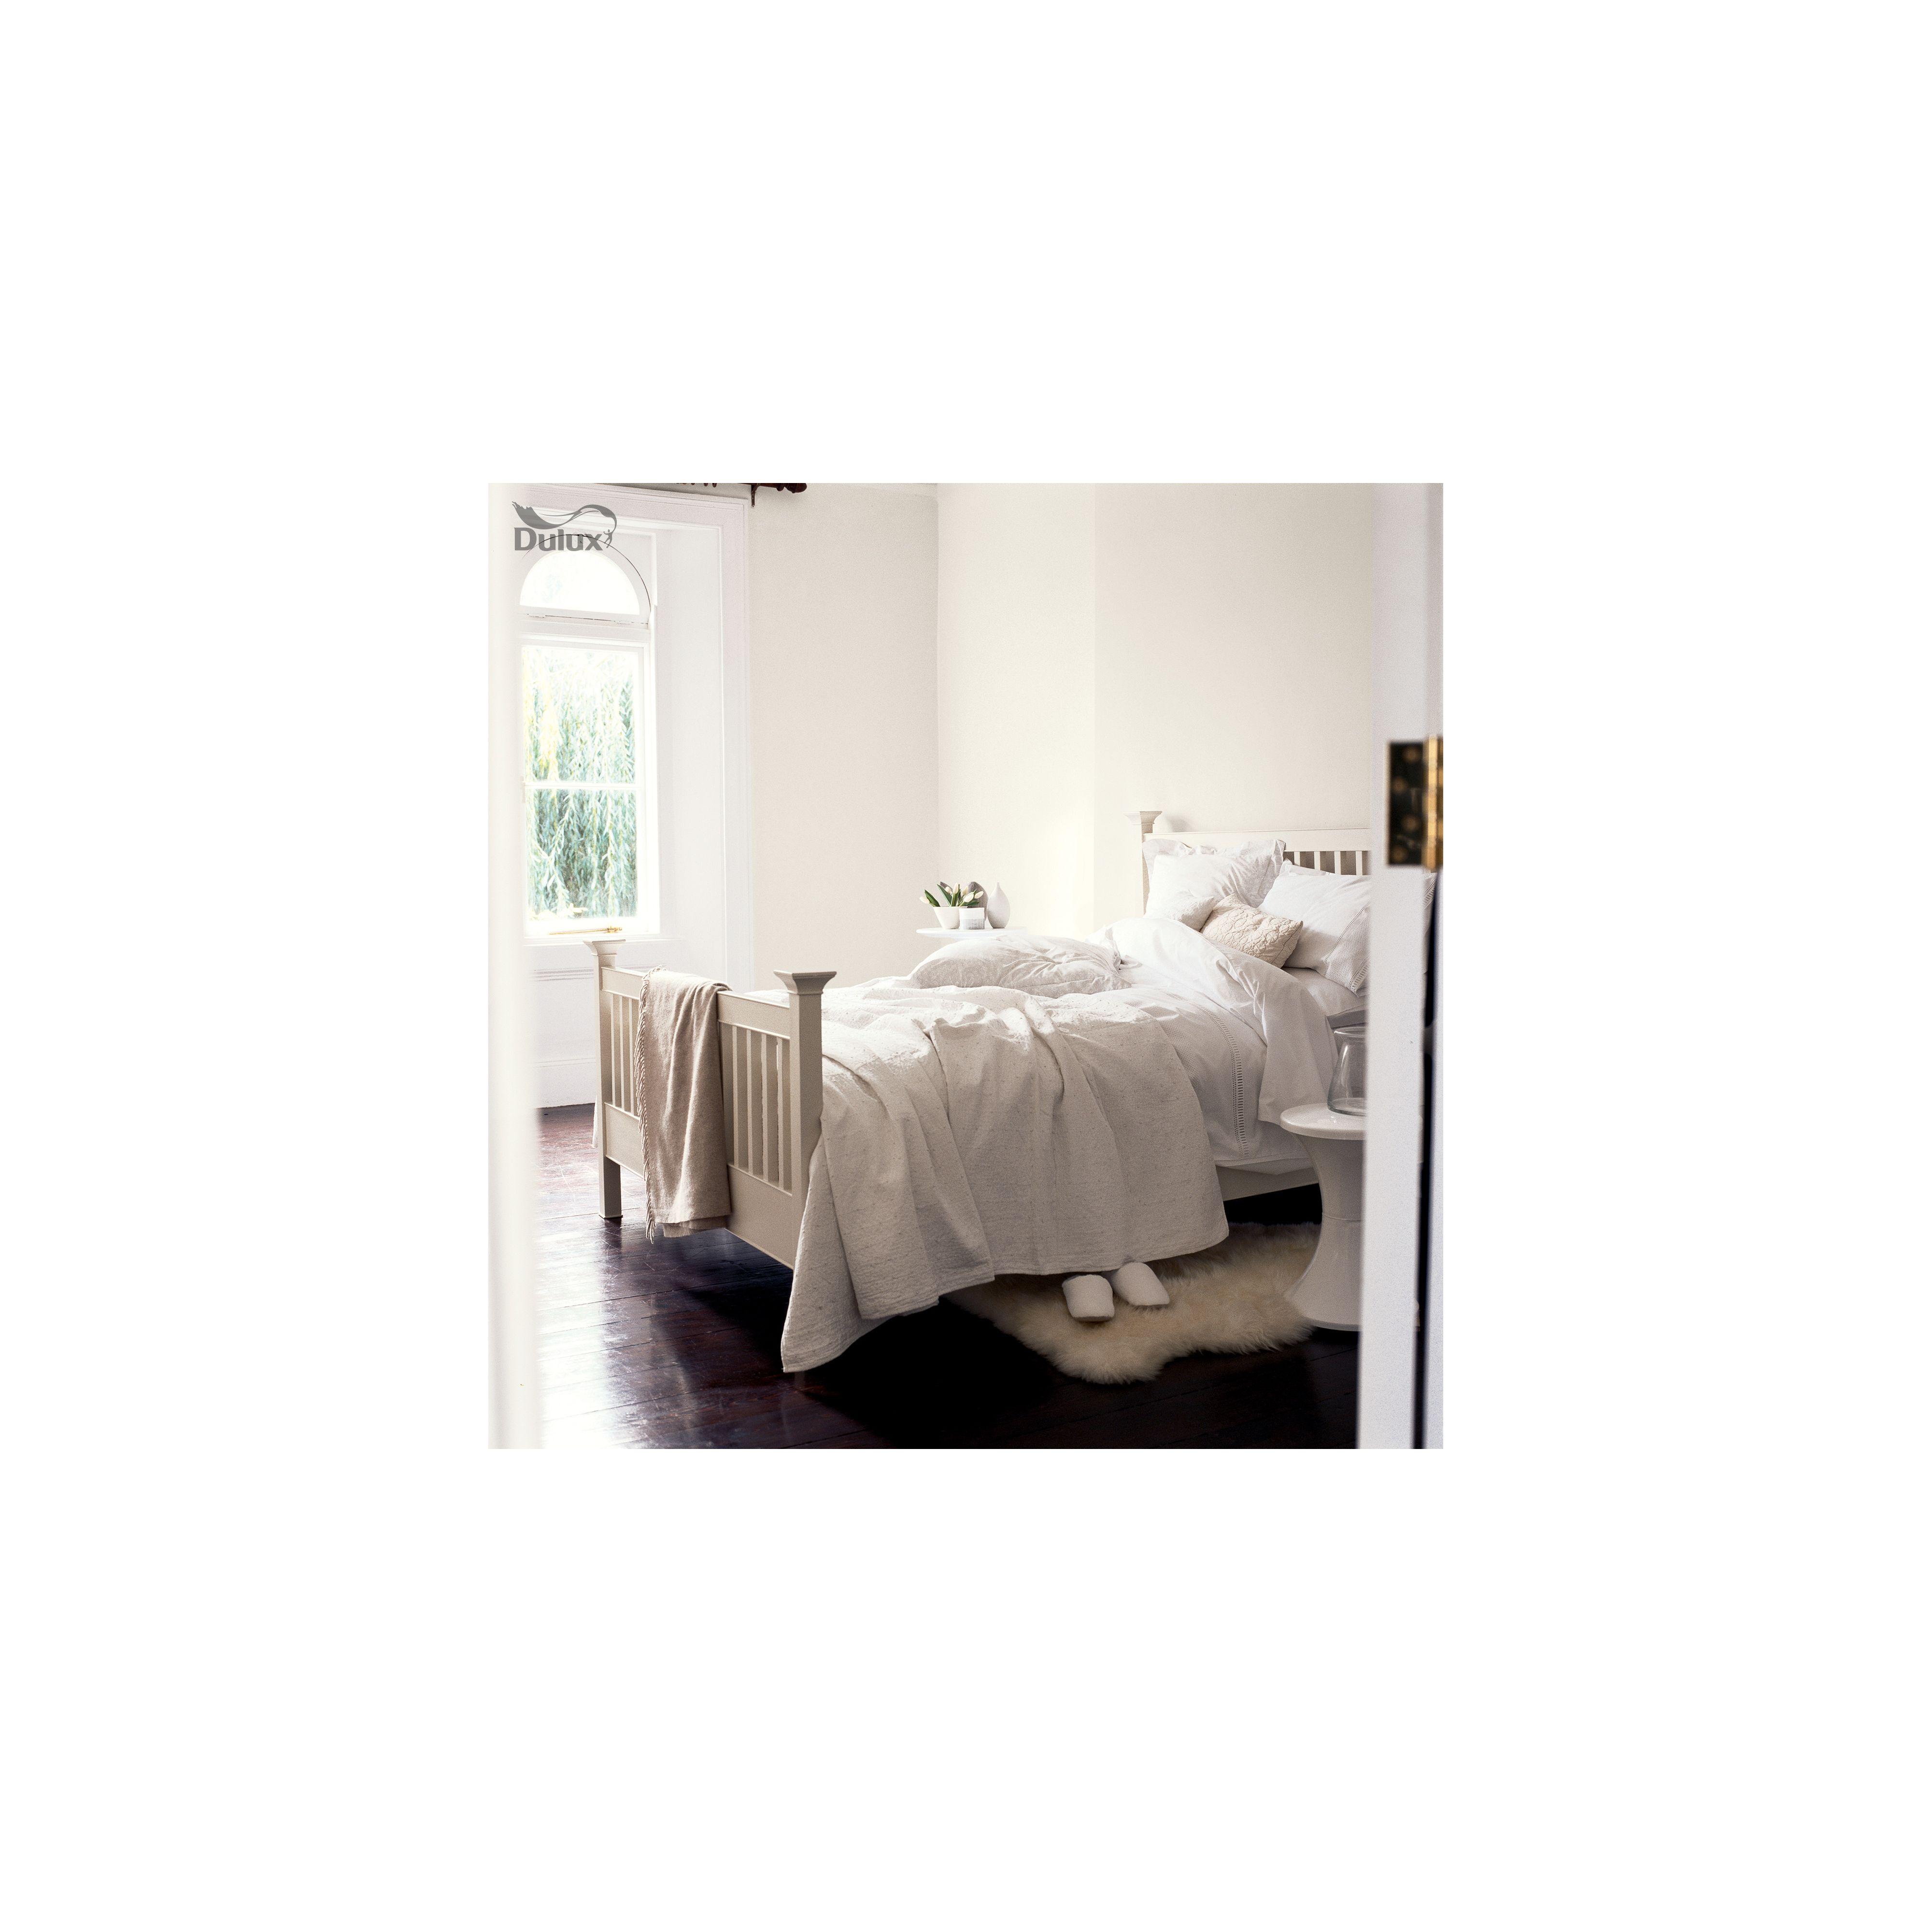 Dulux Once White Cotton - Matt Emulsion Paint - 5L